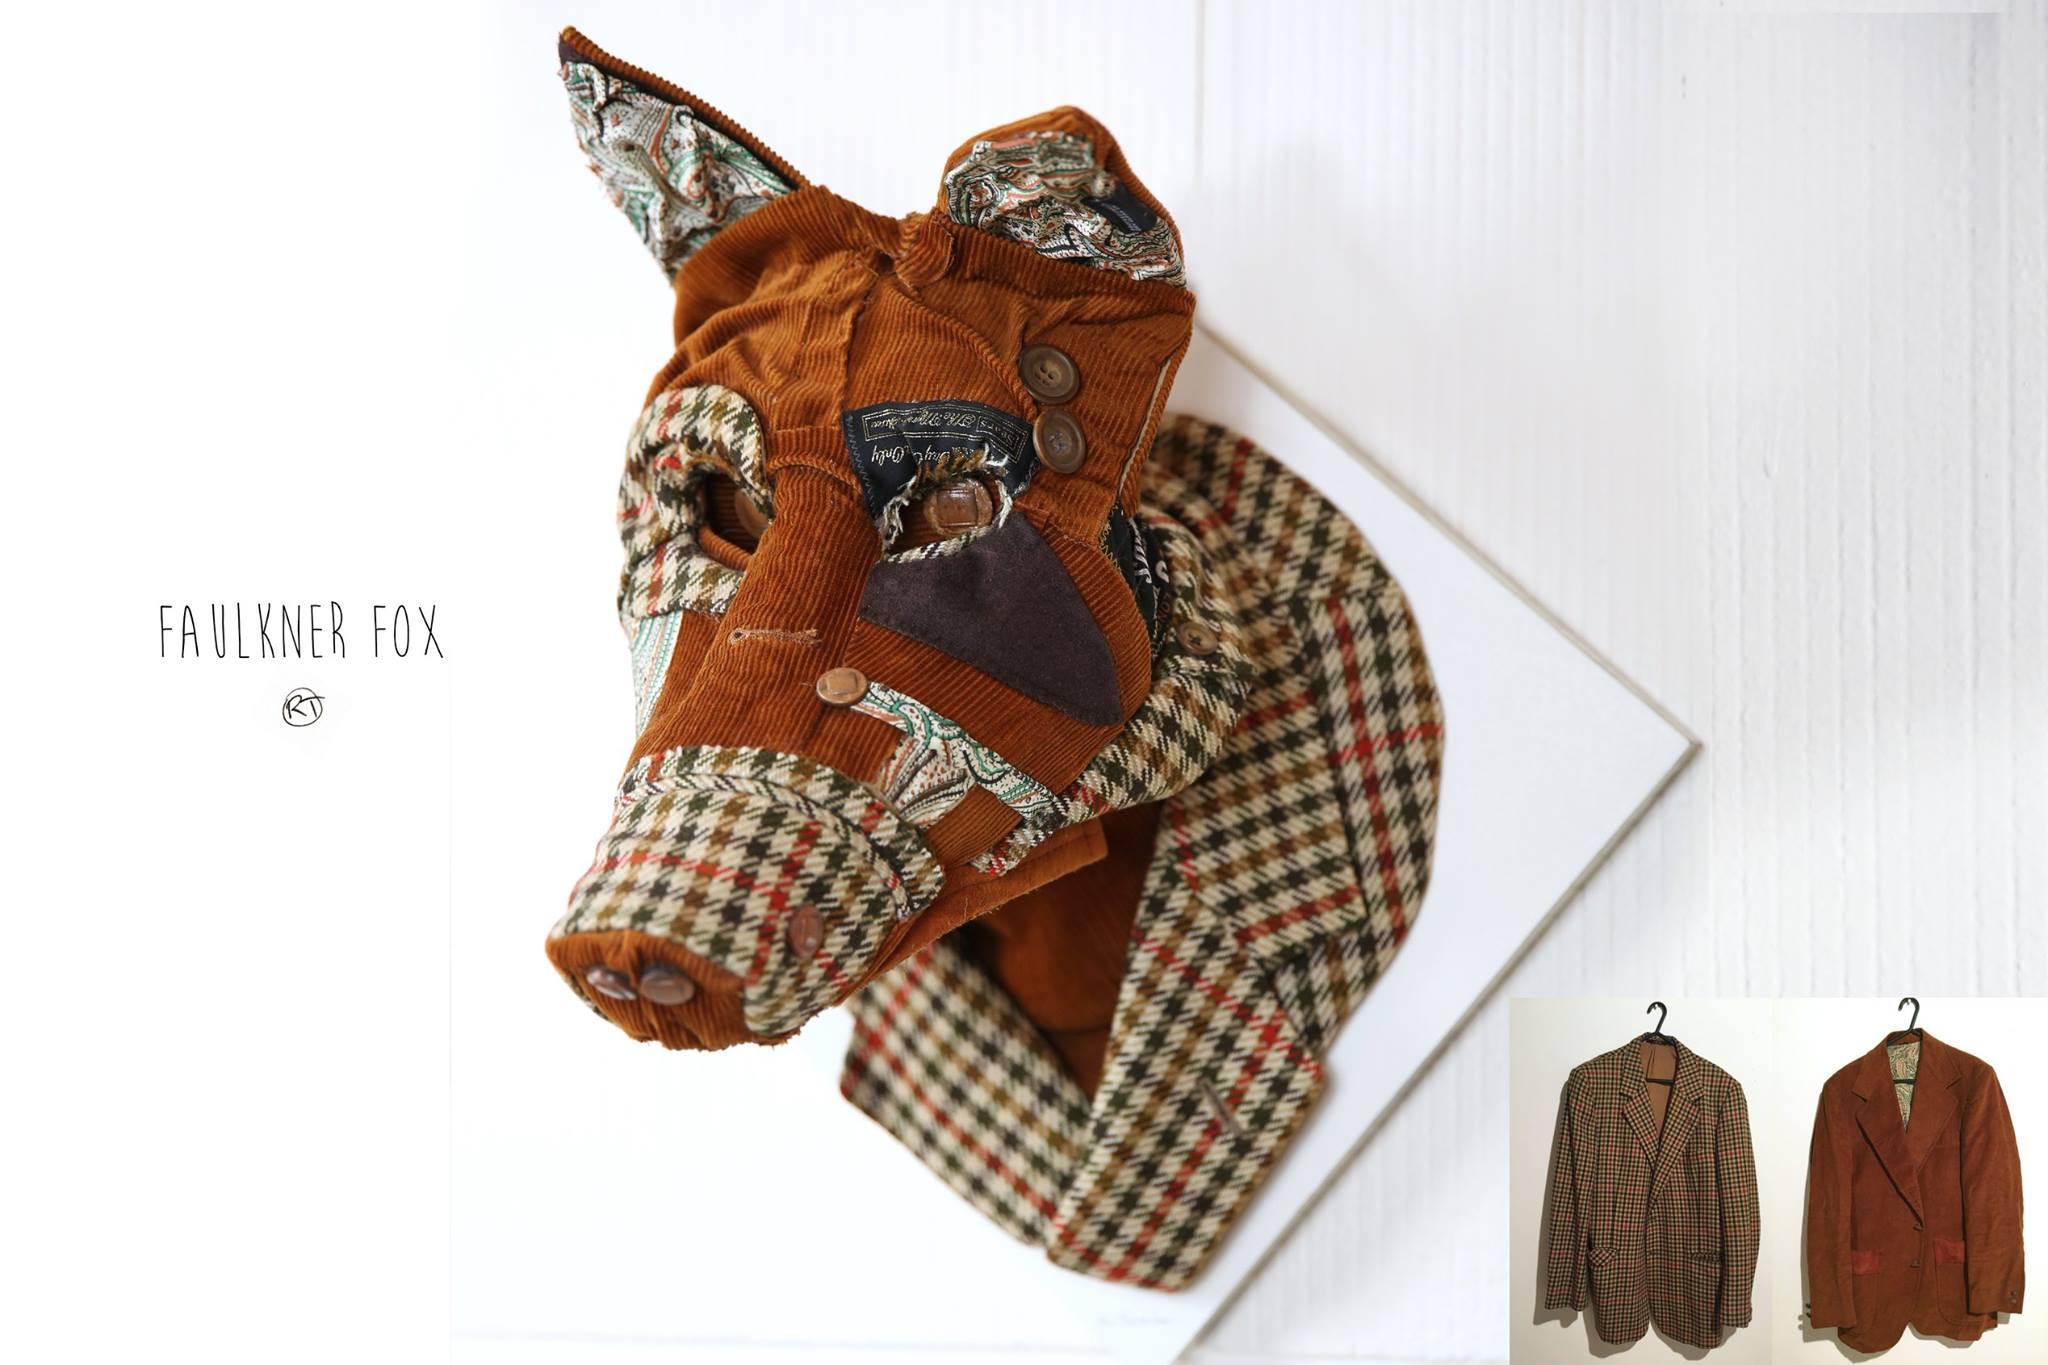 Faulkner Fox